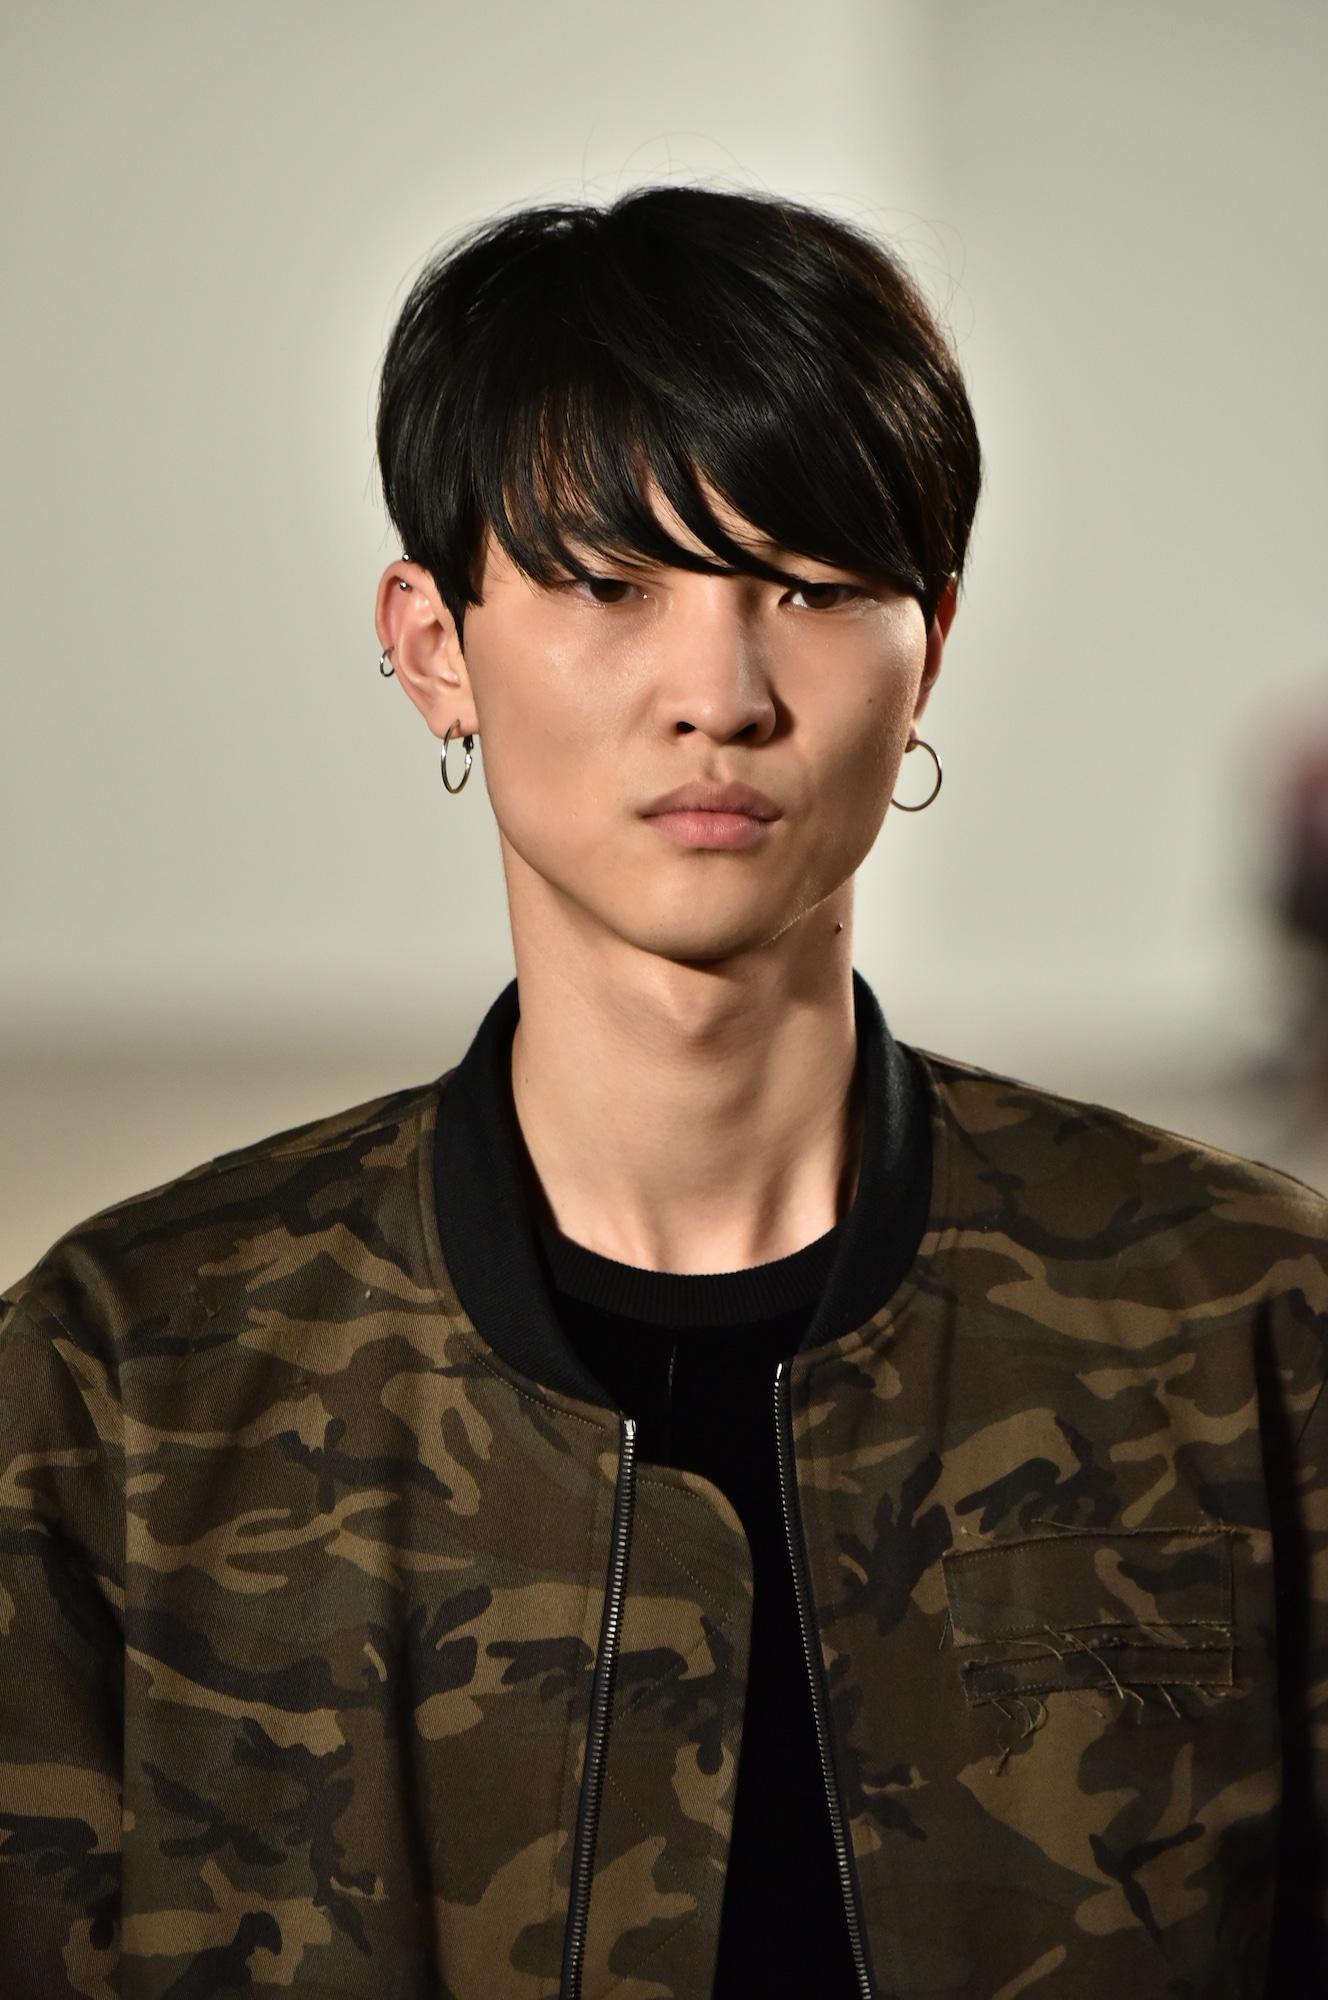 Model rambut pria asia model french crop dengan tekstur.